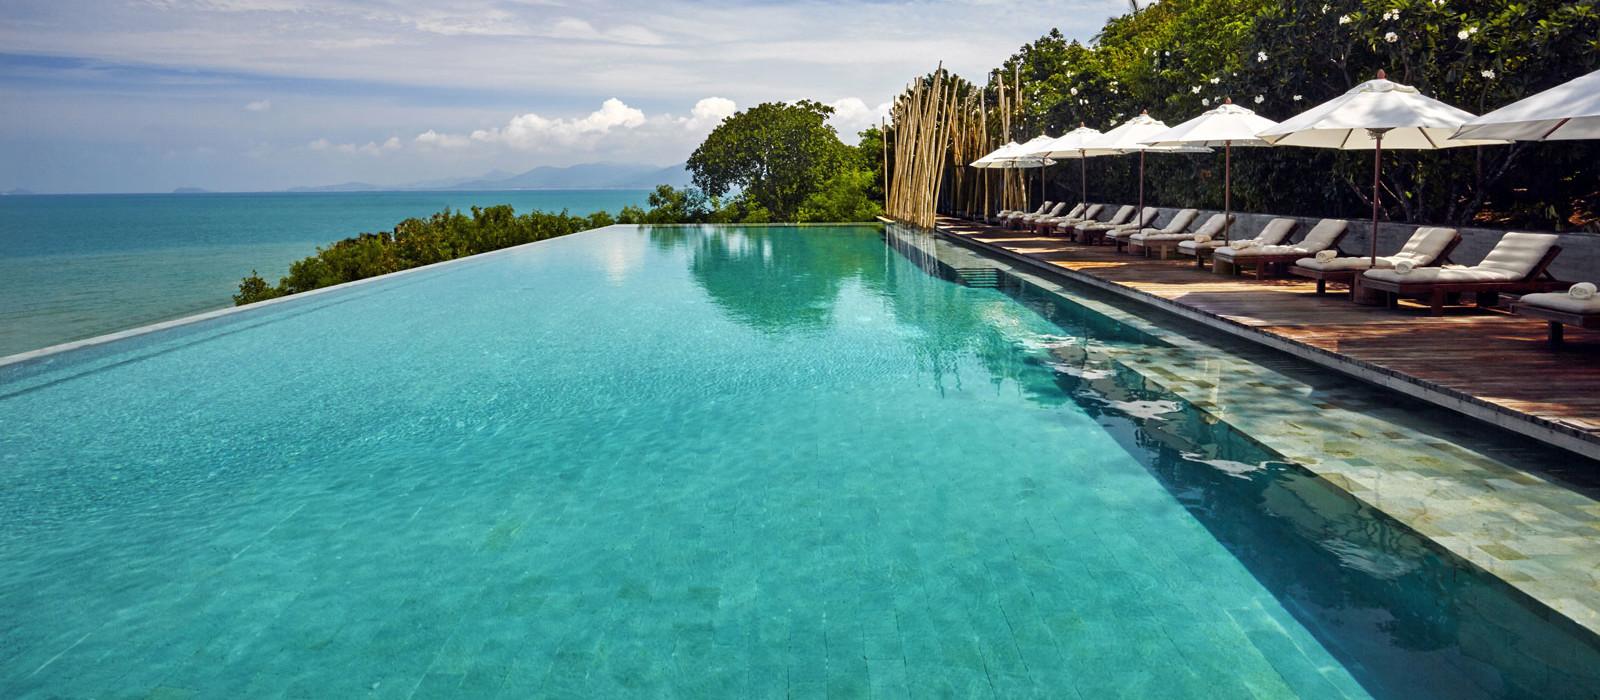 Hotel Six Senses Hideaway Thailand